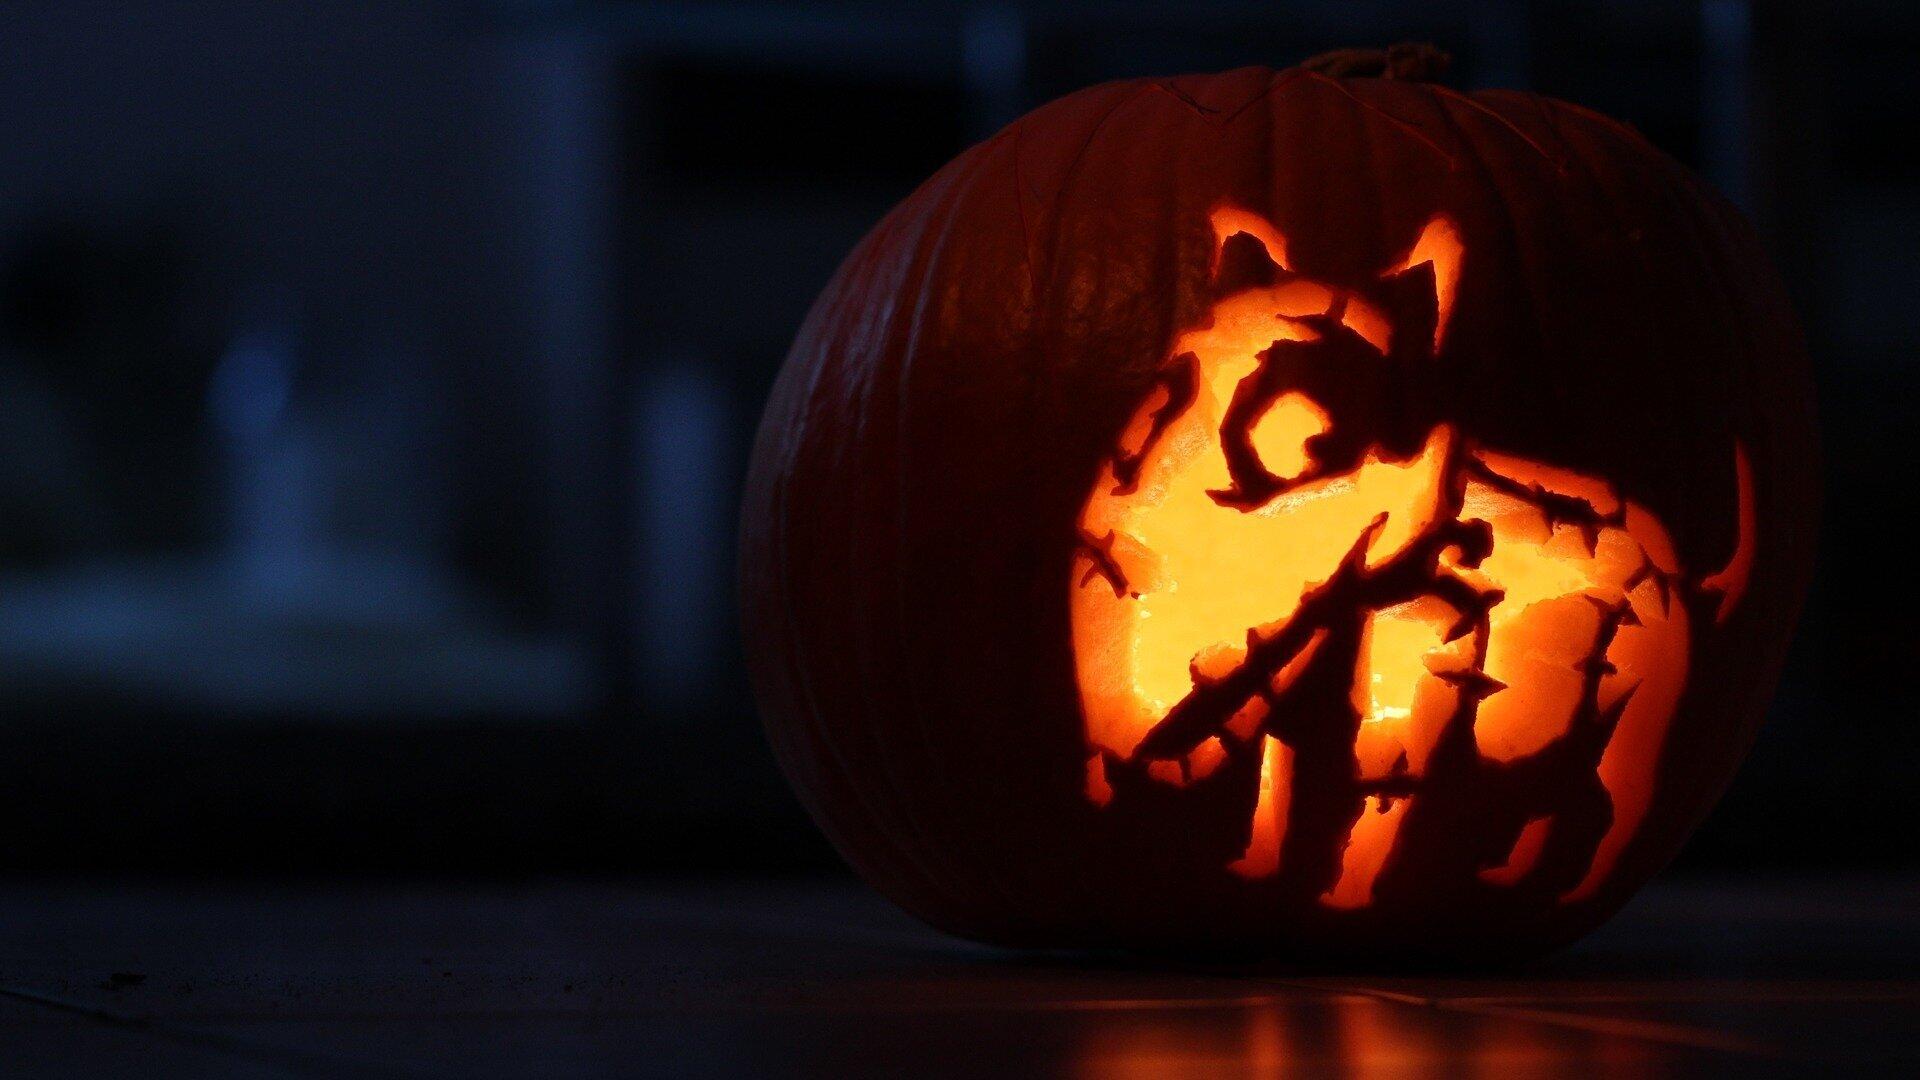 pumpkin-1743367_1920.jpg